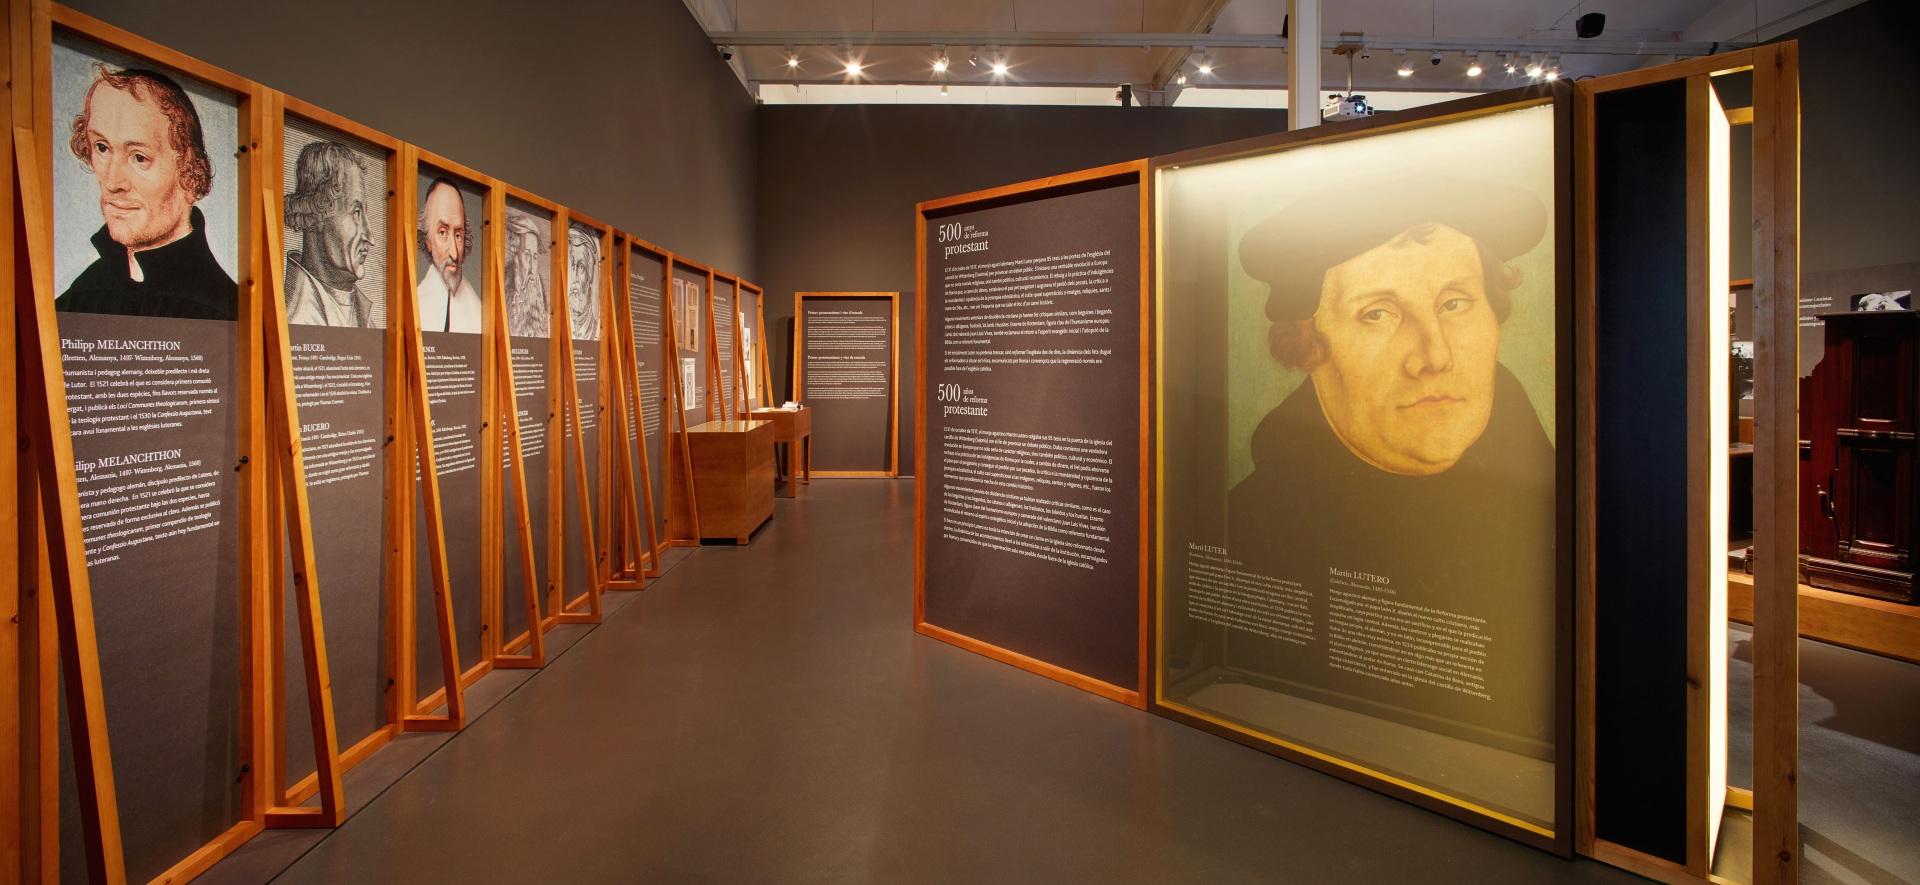 Exposición protestantes Caixaforum. Caja iluminada con retrato de Martín Lutero y paneles con retratos de otros líderes del protestantismo.